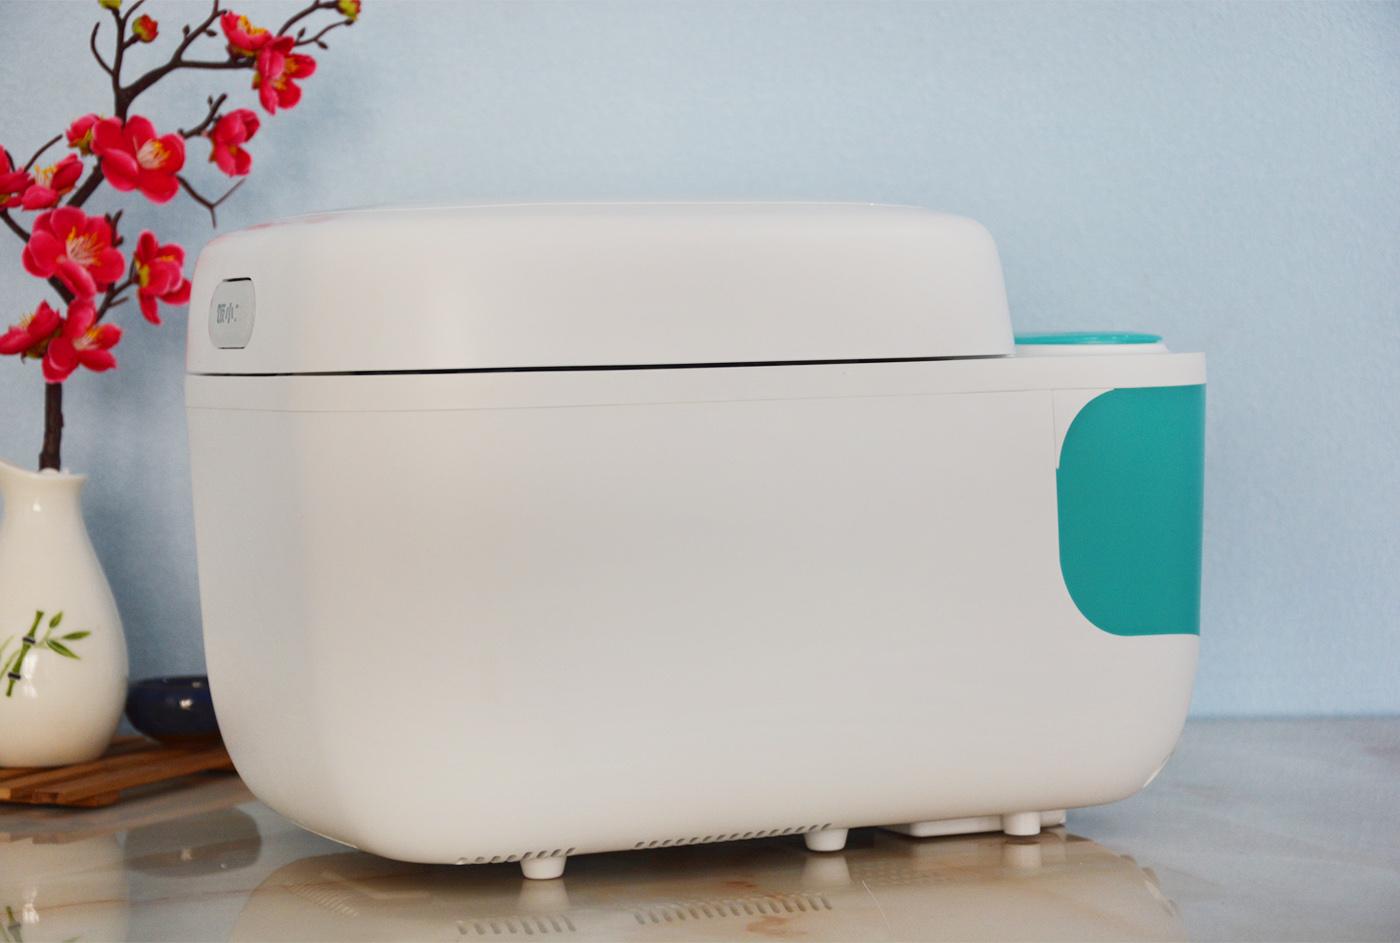 小米新品,饭小二推出全球首款全自动煮饭机器人,重新定义煮饭